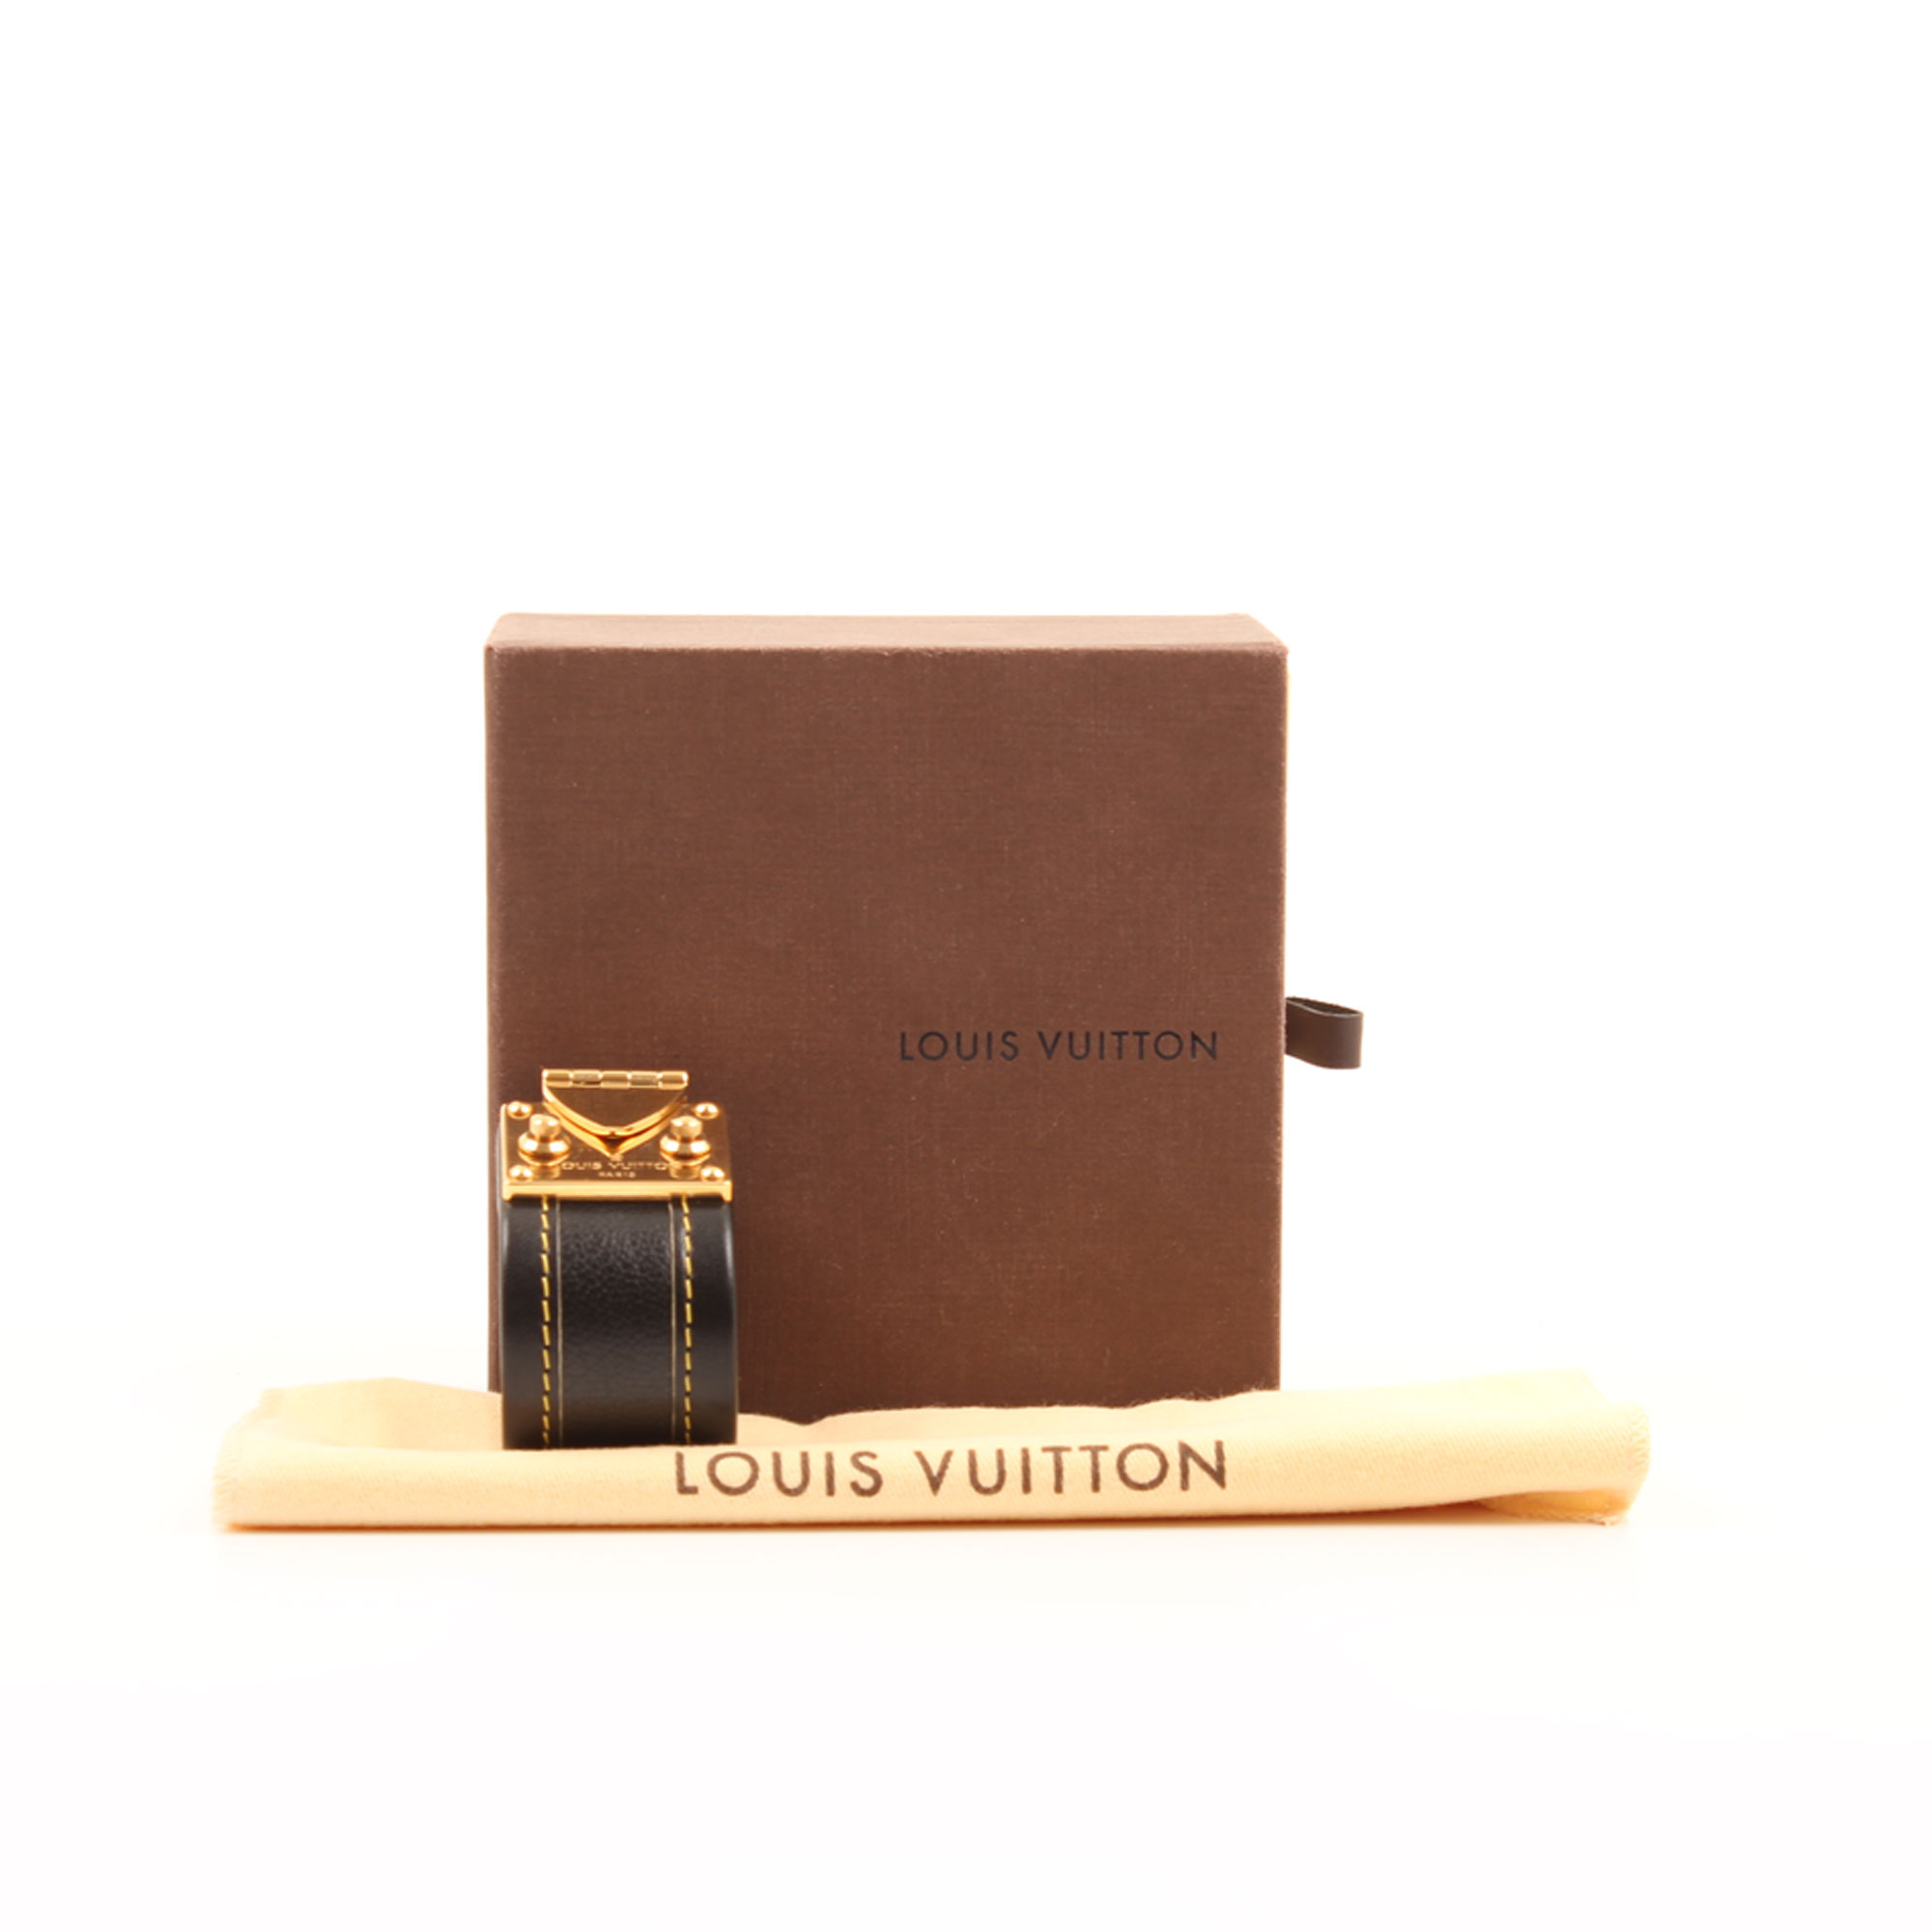 Imagen de los extras de louis vuitton suhali slock bracelet black gold